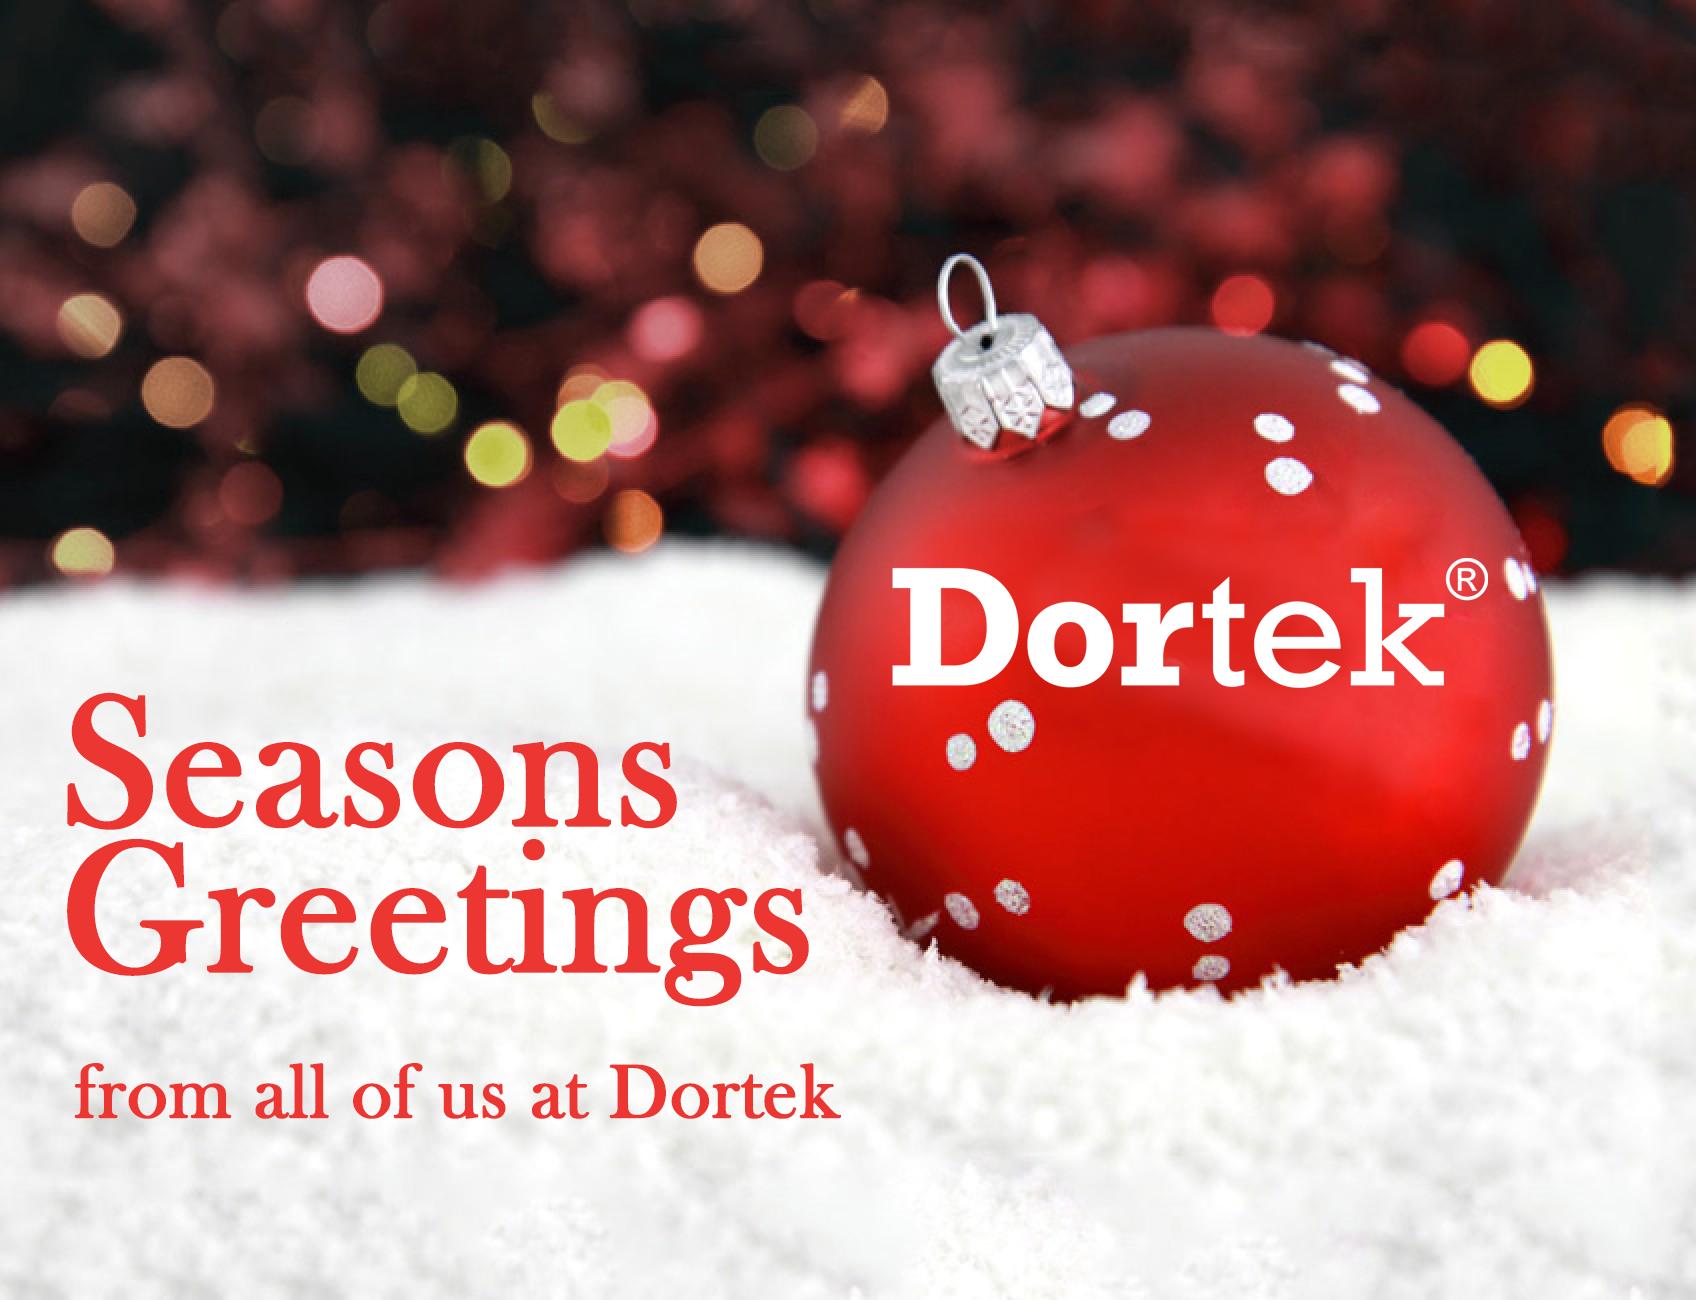 Seasons Greetings From Dortek